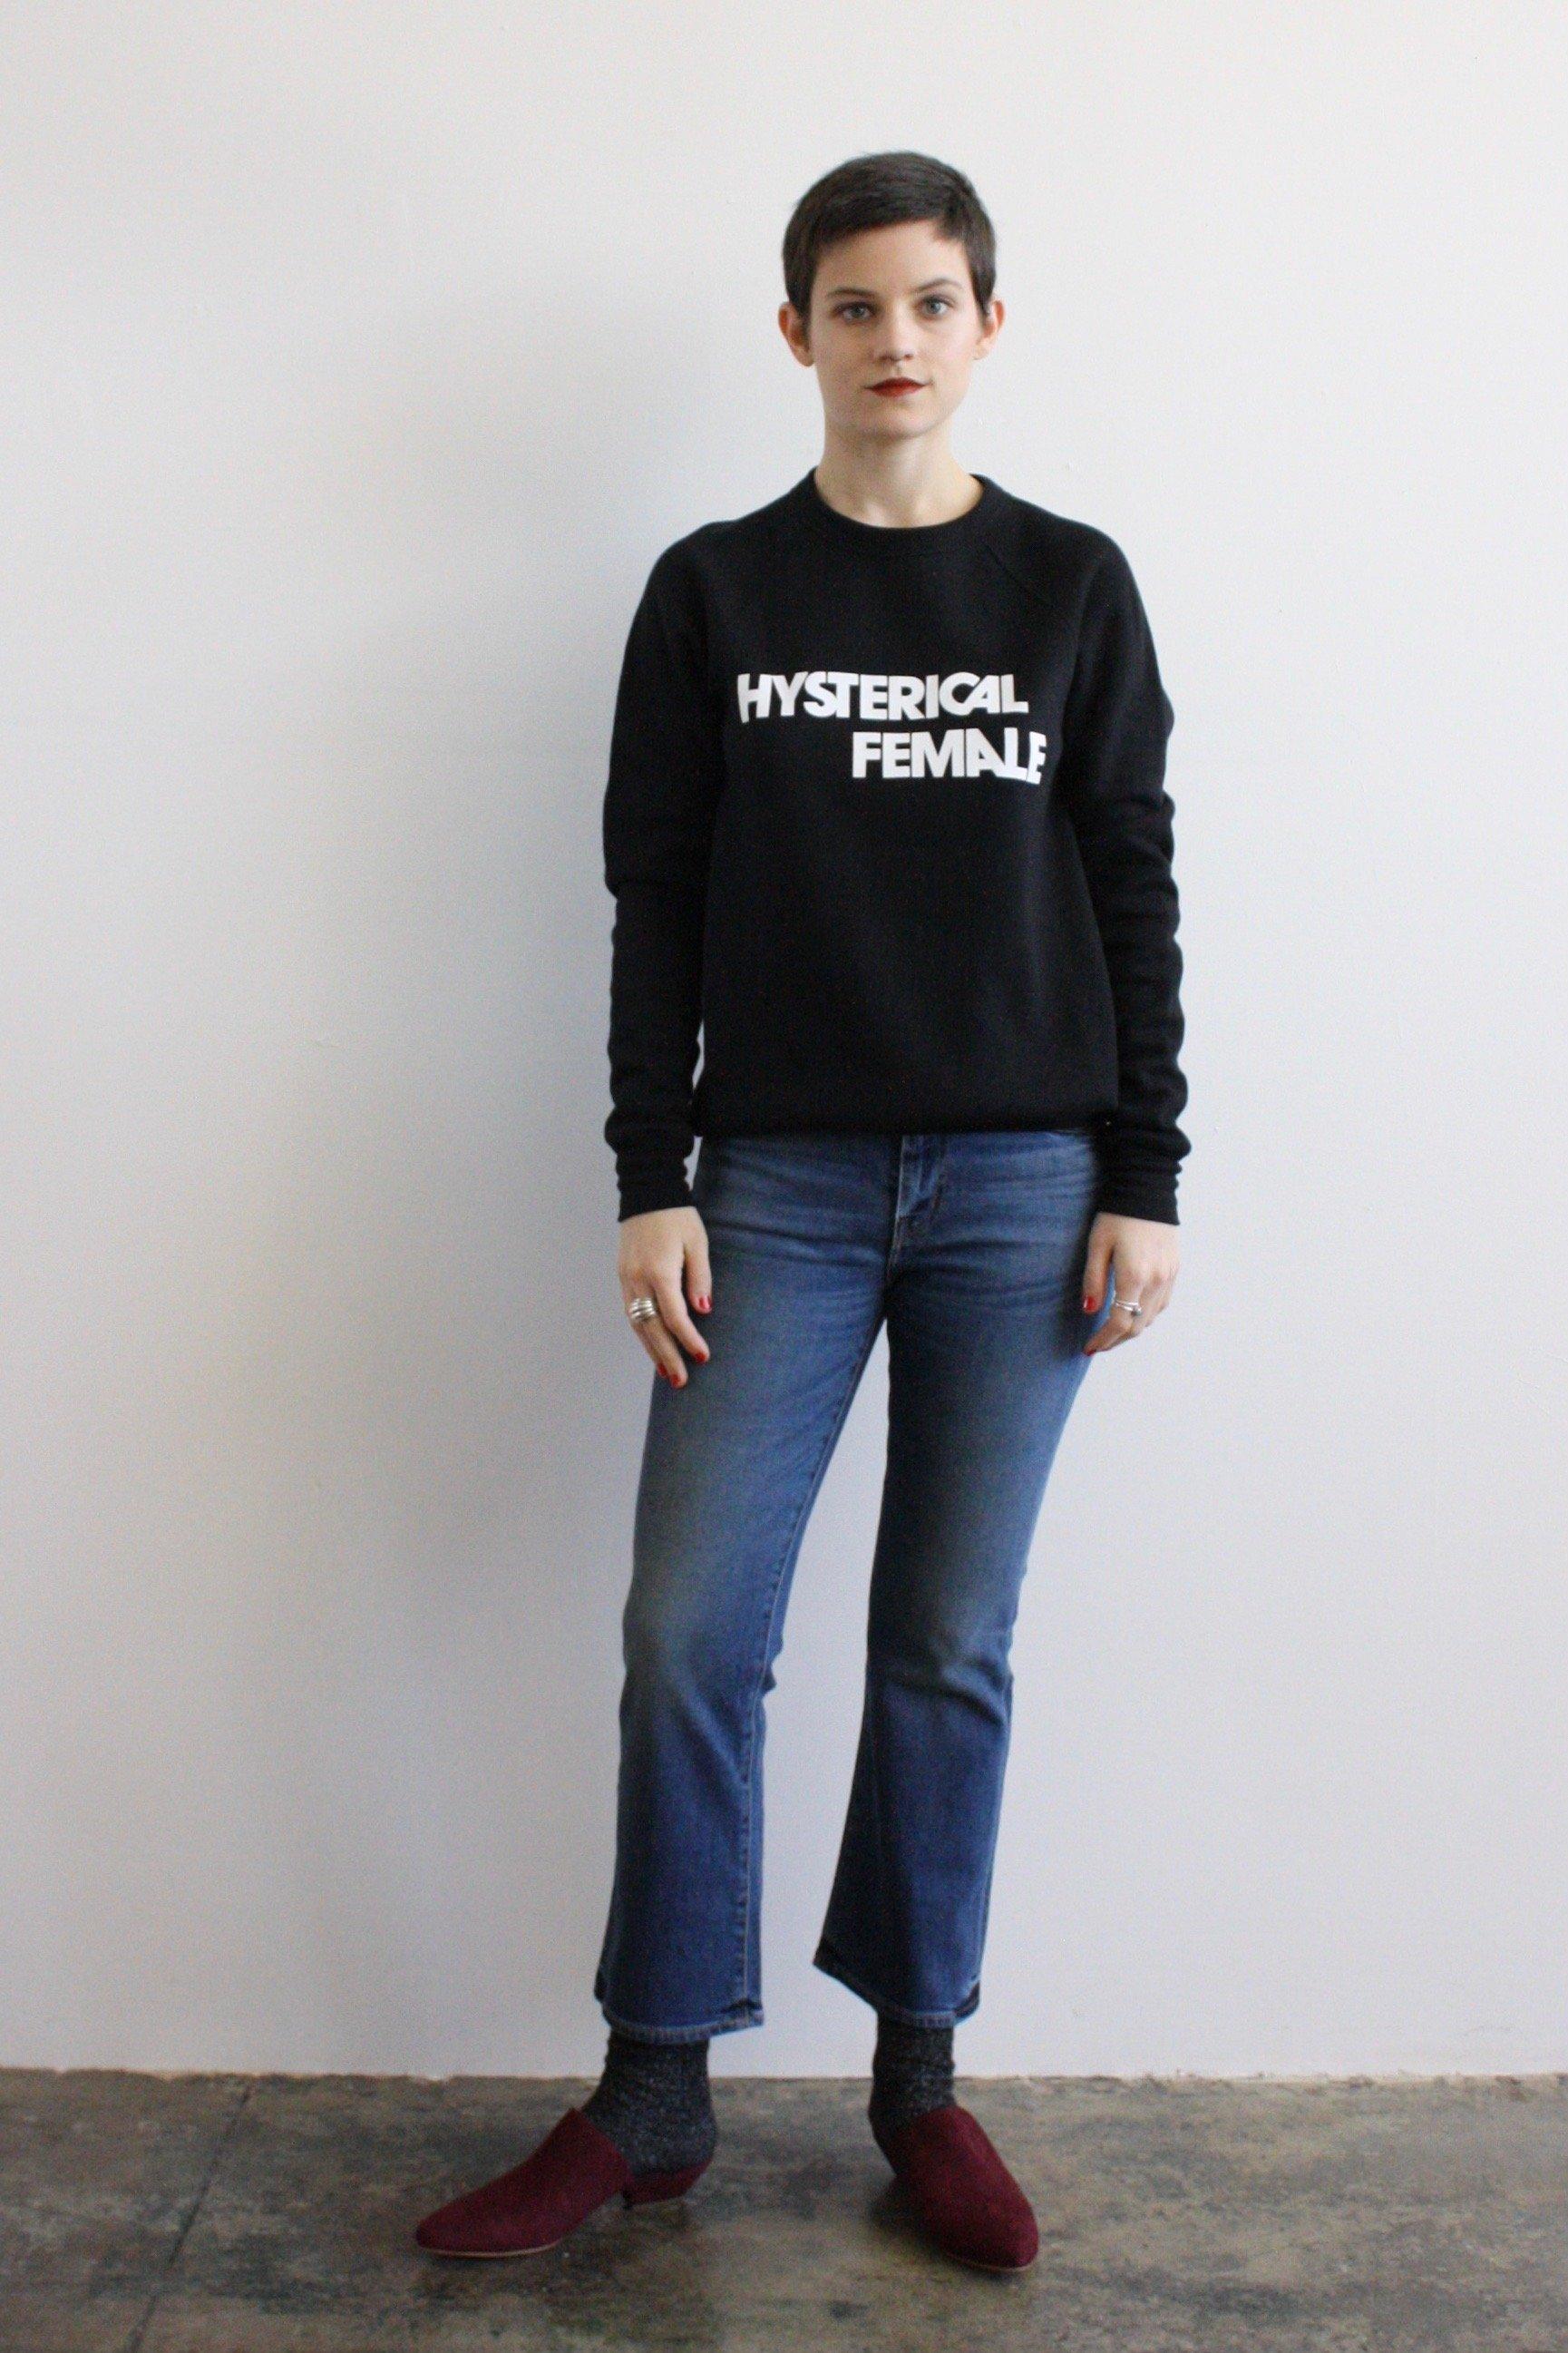 69f98ab6f Rachel Antonoff Hysterical Female sweatshirt | Garmentory